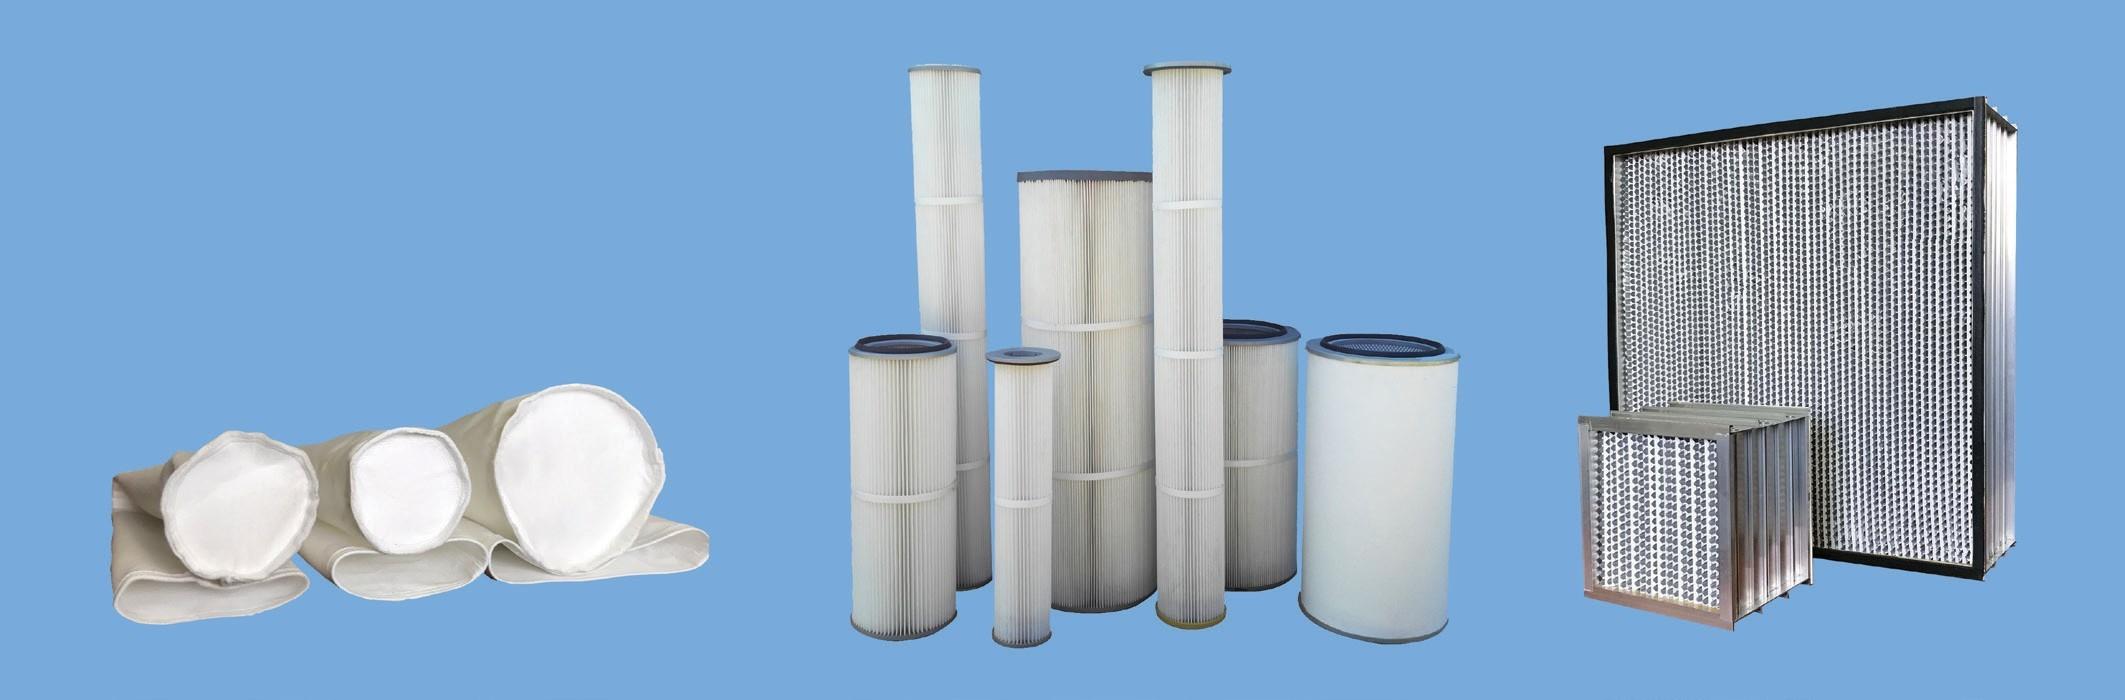 Фильтрующие рукава, фильтр-патроны, фильтры тонкой очистки воздуха